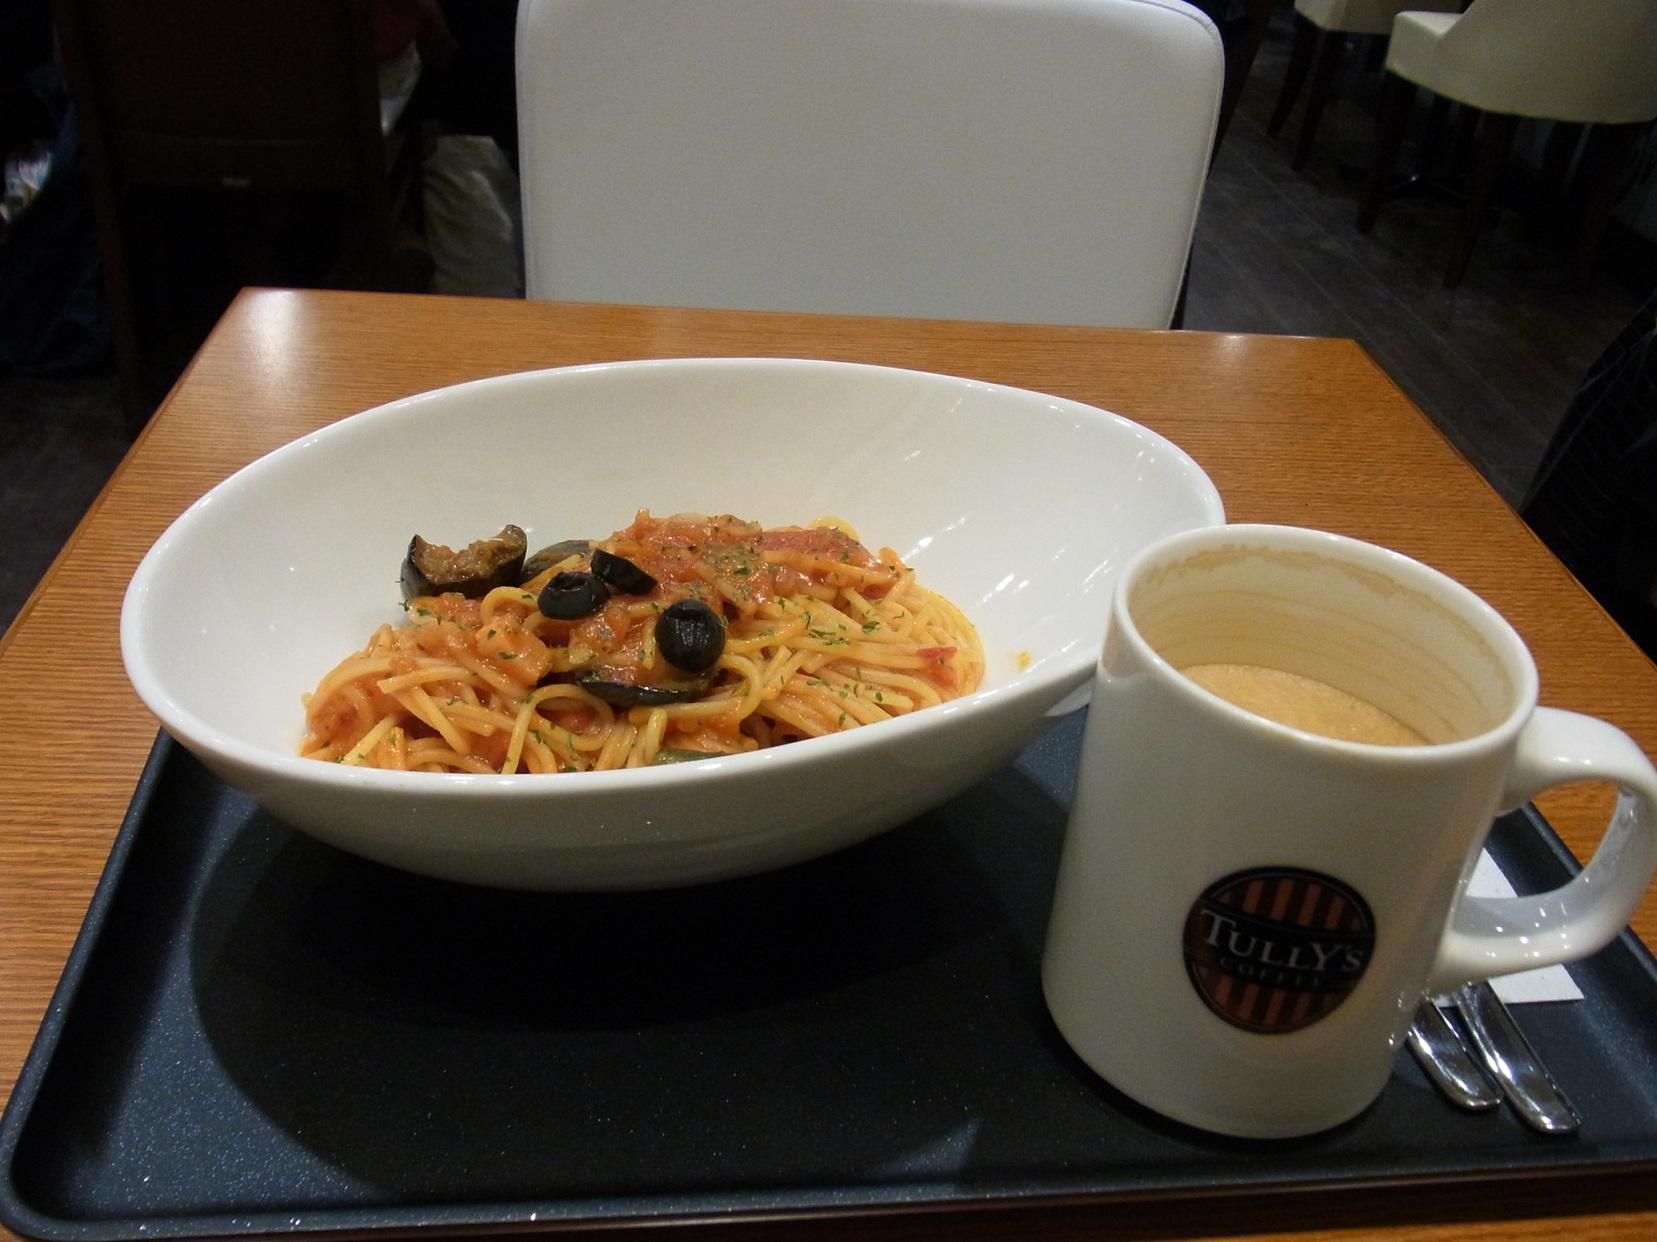 タリーズ コーヒー 宇都宮駅ビルパセオ店